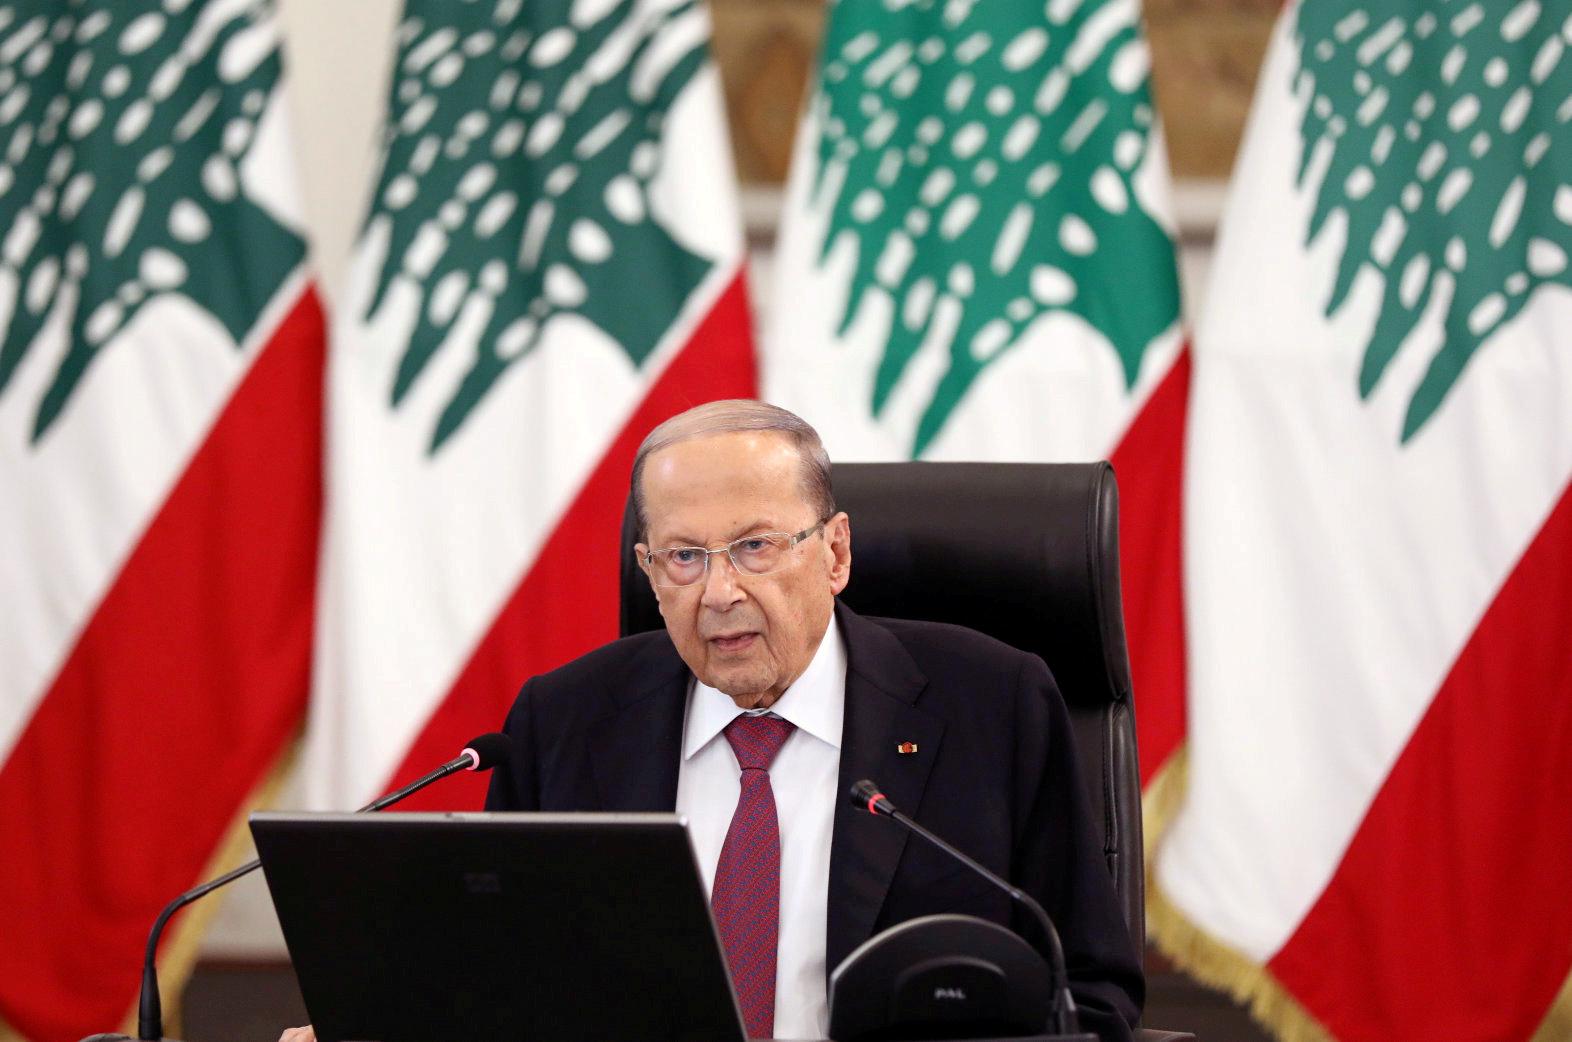 عون: لا شريك للبنانيين في حفظ استقلال وطنهم وحرية قراره